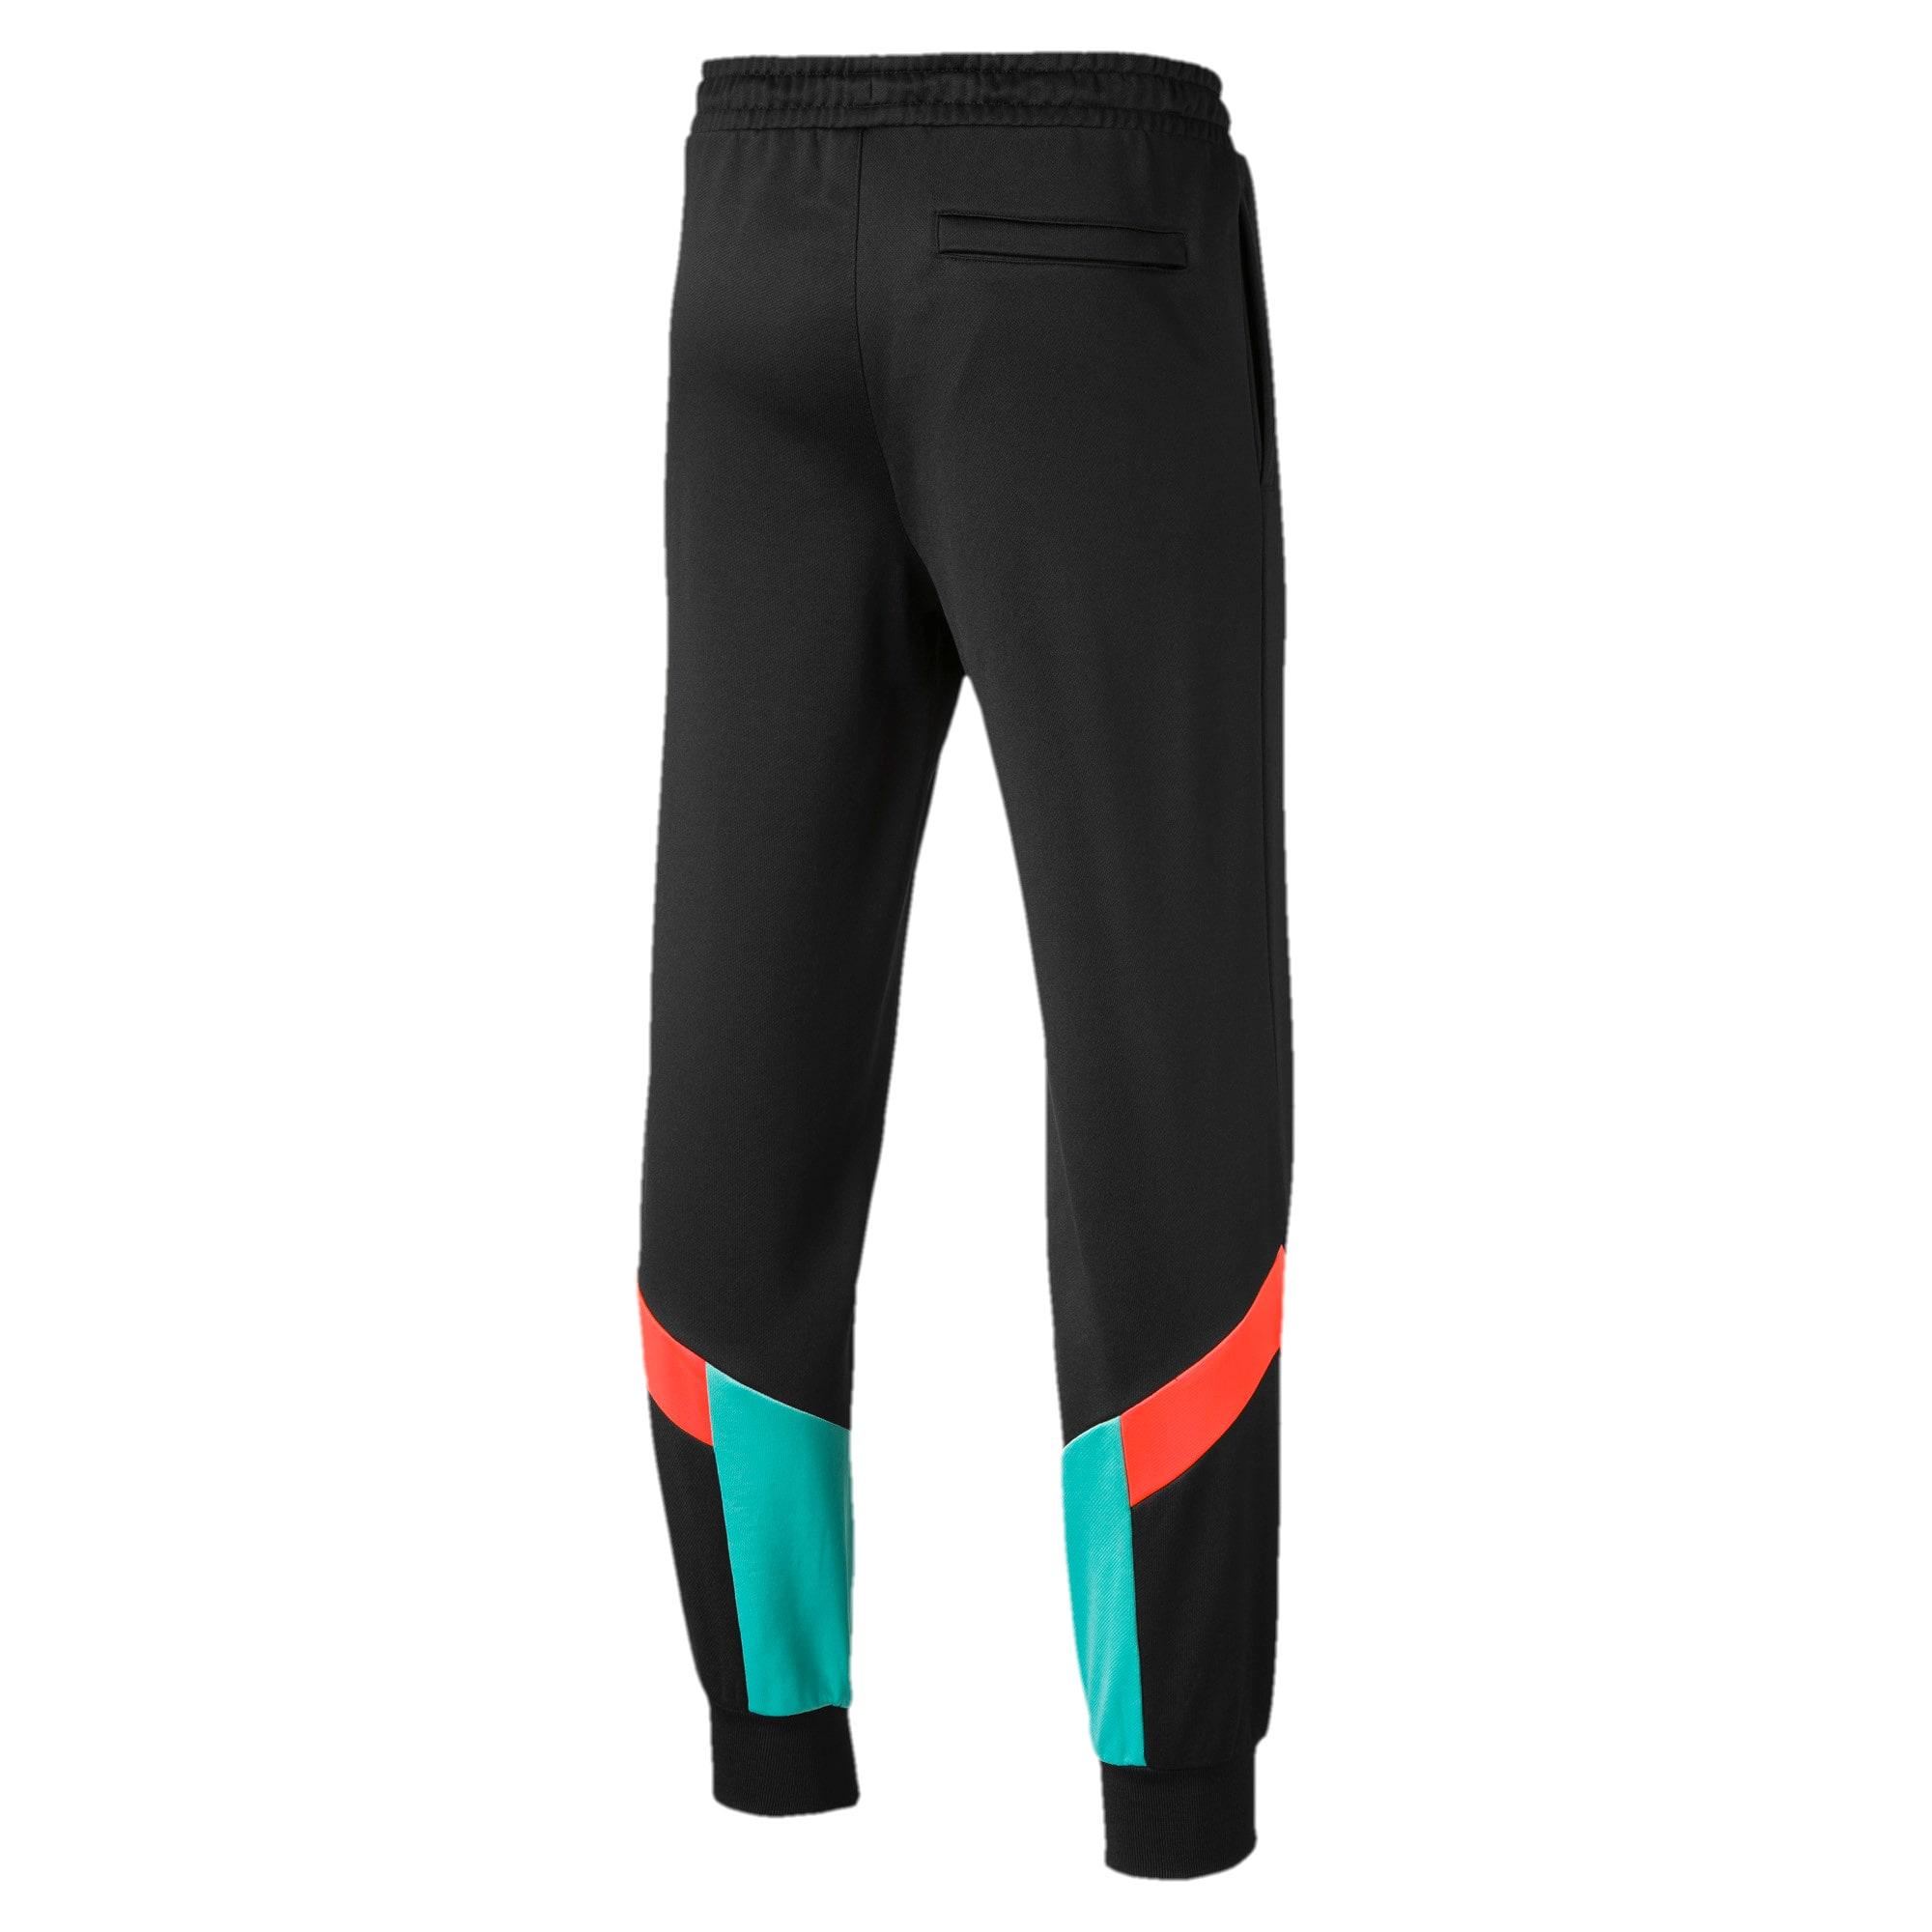 Thumbnail 5 of Iconic MCS Men's Track Pants, Puma Black, medium